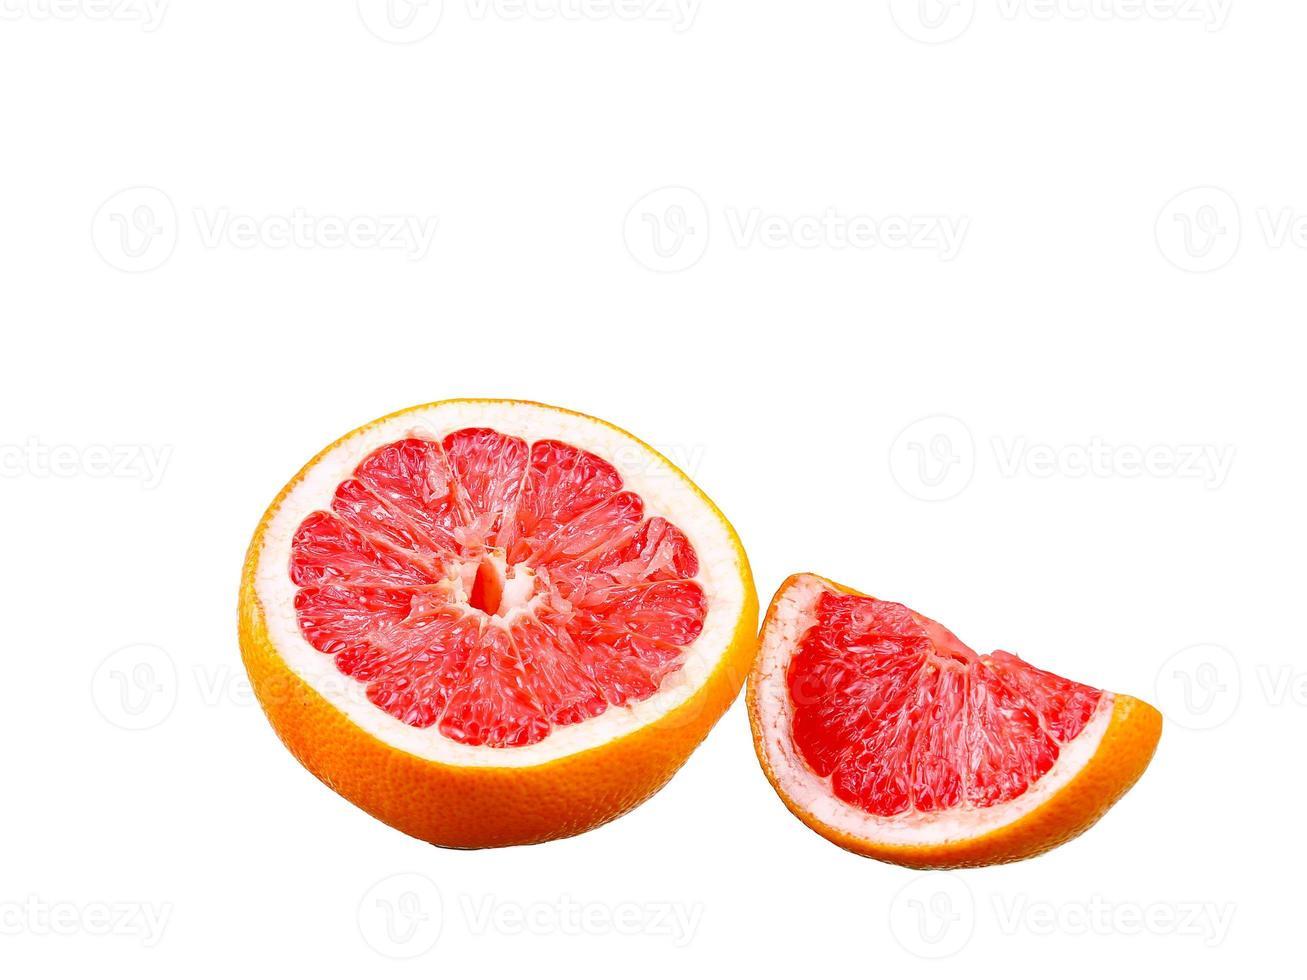 grapefruit met segmenten op een witte achtergrond foto